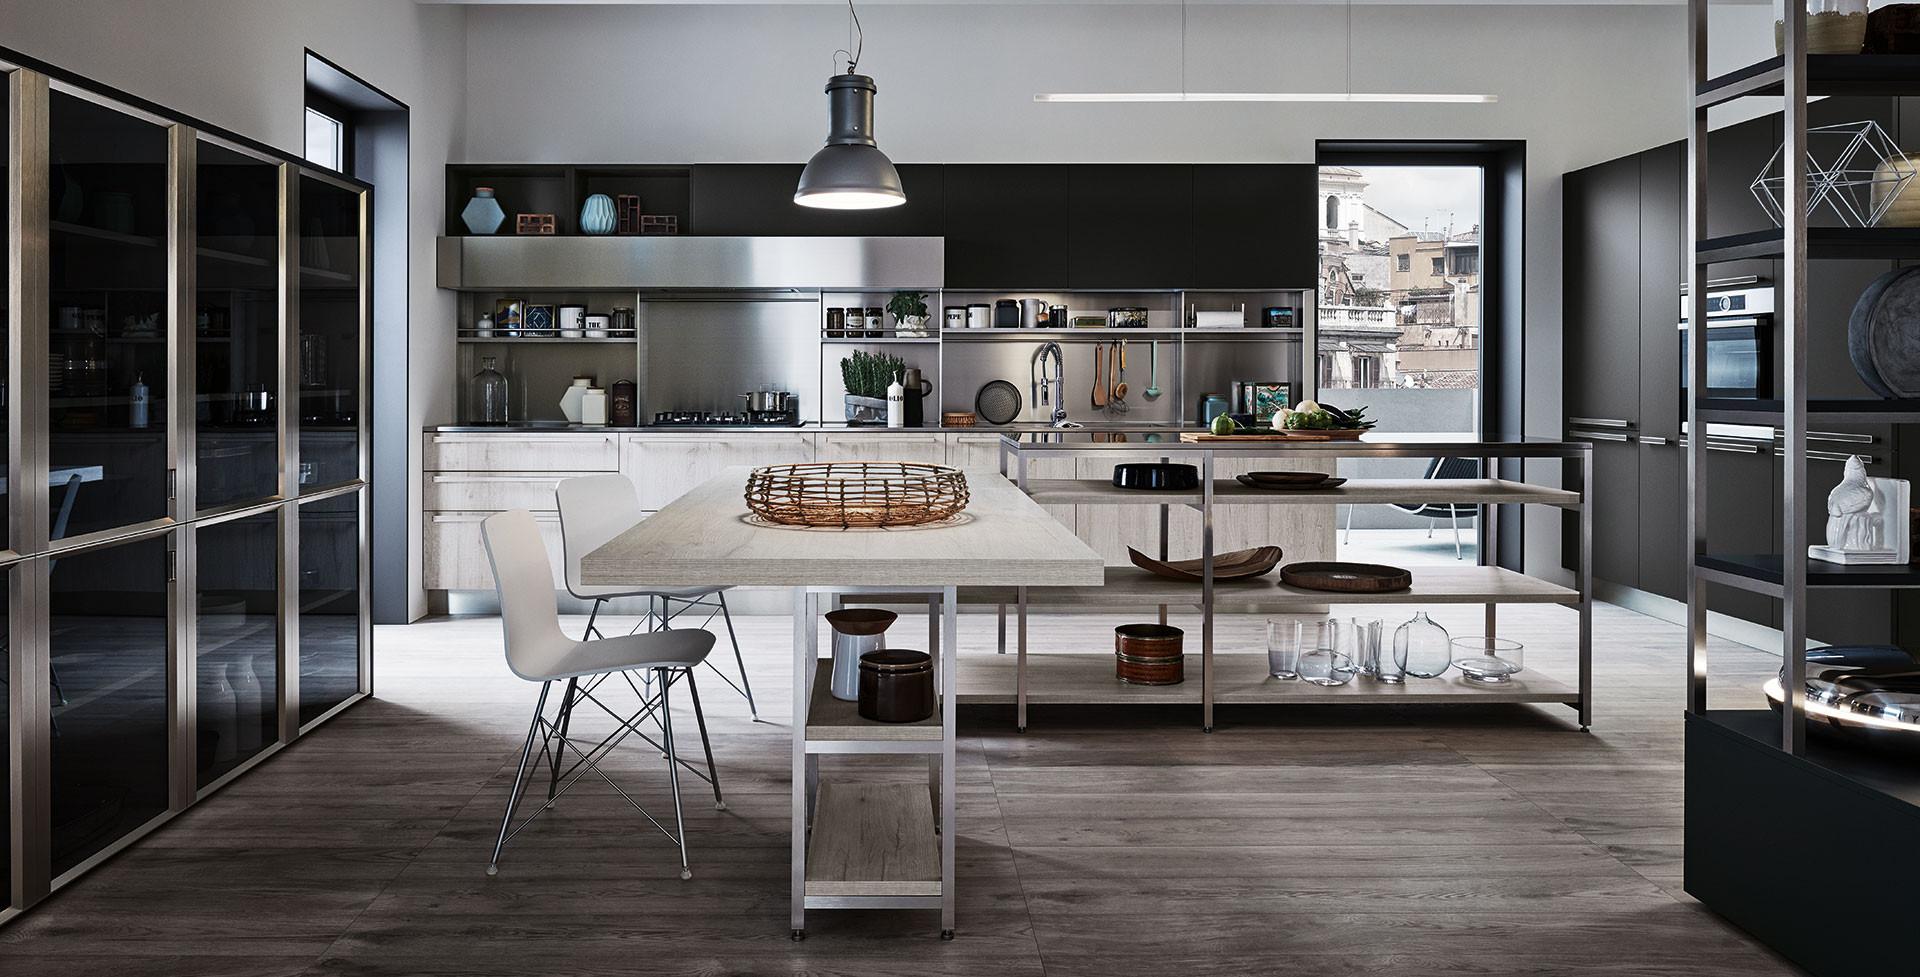 Catalogo Top Veneta Cucine.Cucina Ethica Veneta Cucine